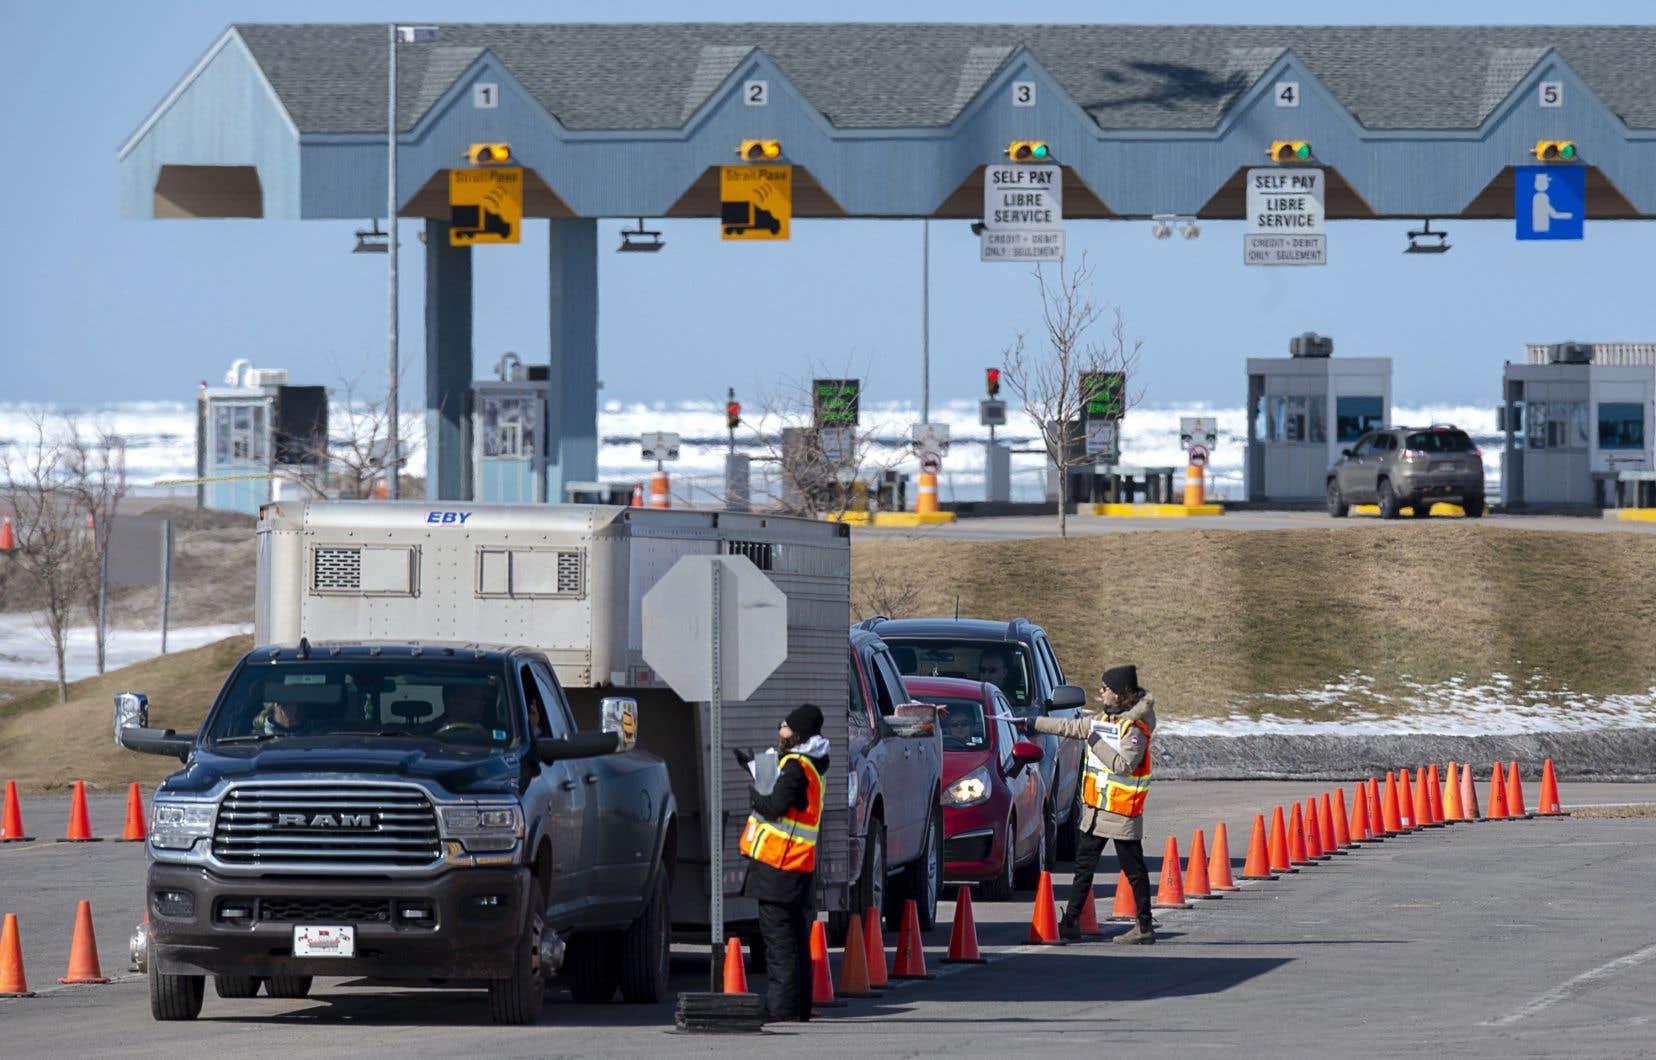 À compter du 3juillet, les résidents du Nouveau-Brunswick, de la Nouvelle-Écosse, de Terre-Neuve-et-Labrador et de l'Île-du-Prince-Édouard pourront passer librement d'une province à l'autre.